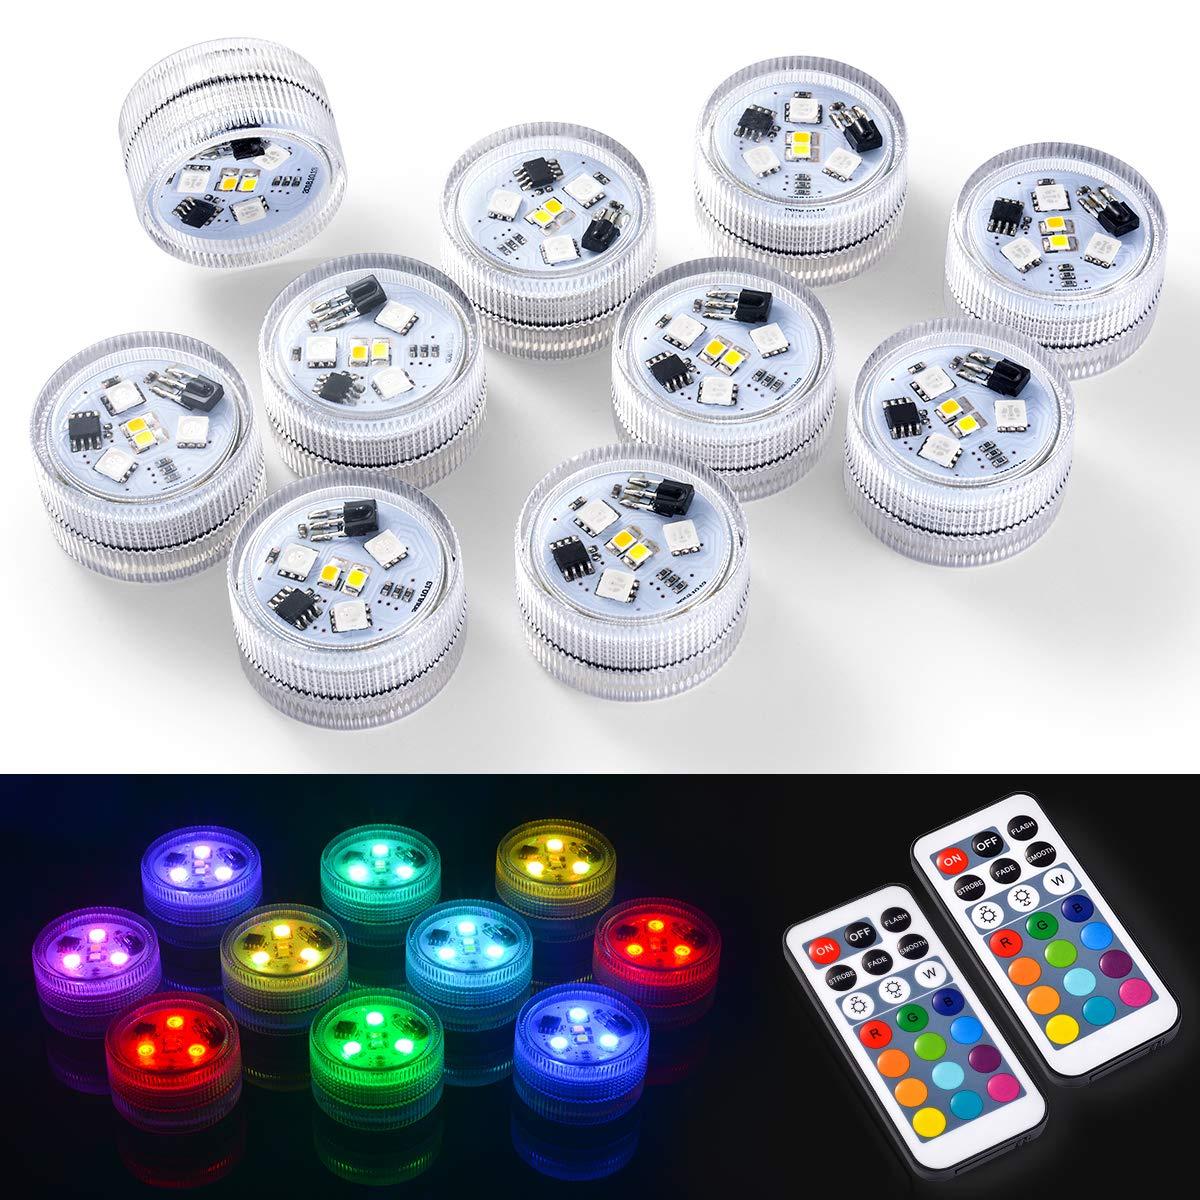 Amazon.com: Paquete de 2 luces LED sumergibles impermeables ...